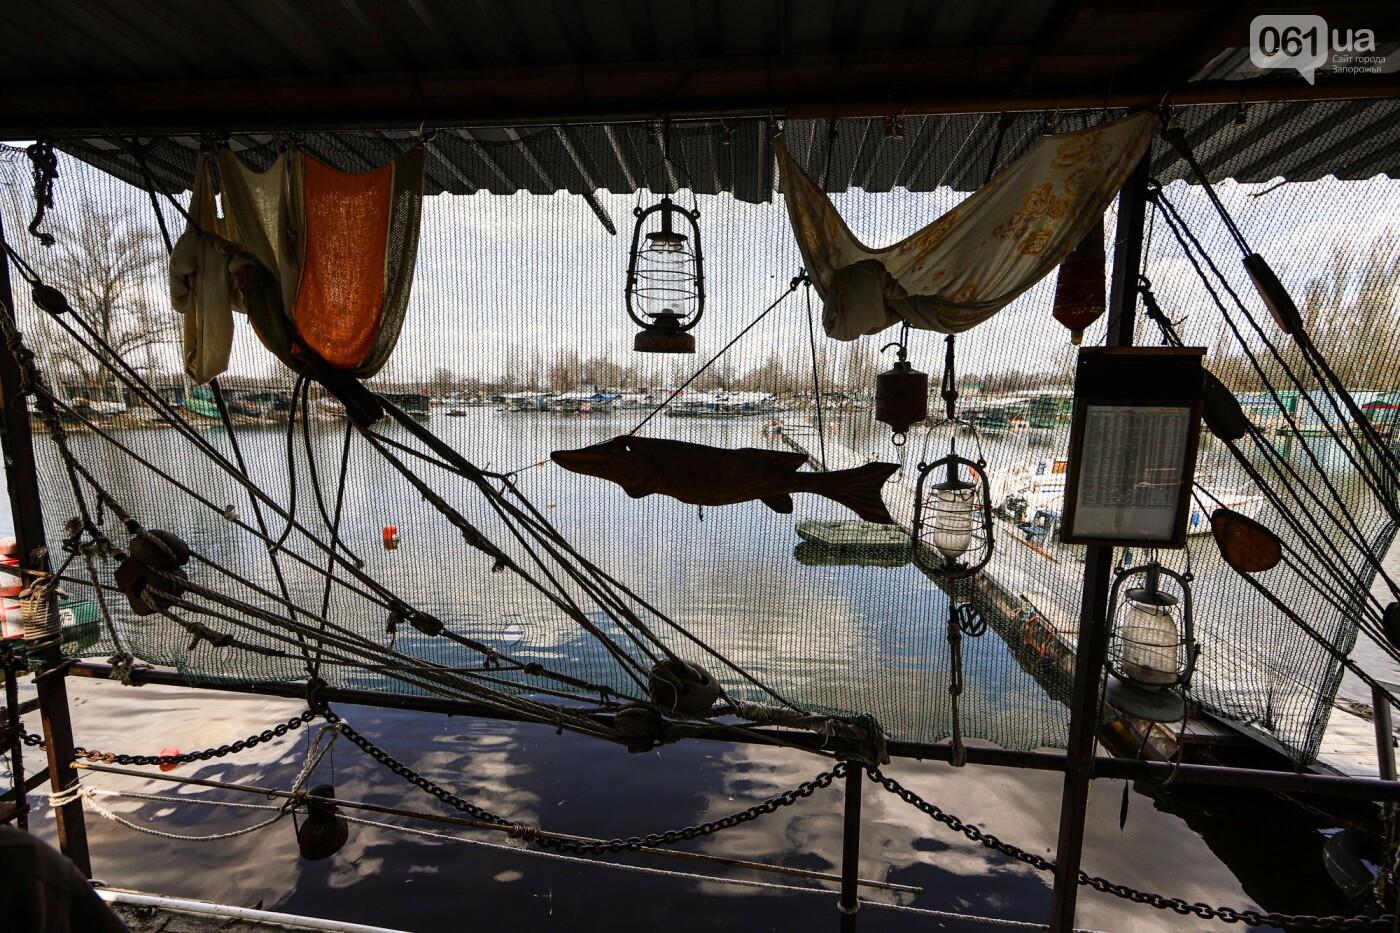 «Семь футов под килем!»: как в запорожском яхт-клубе спускали судна на воду, - ФОТОРЕПОРТАЖ , фото-52